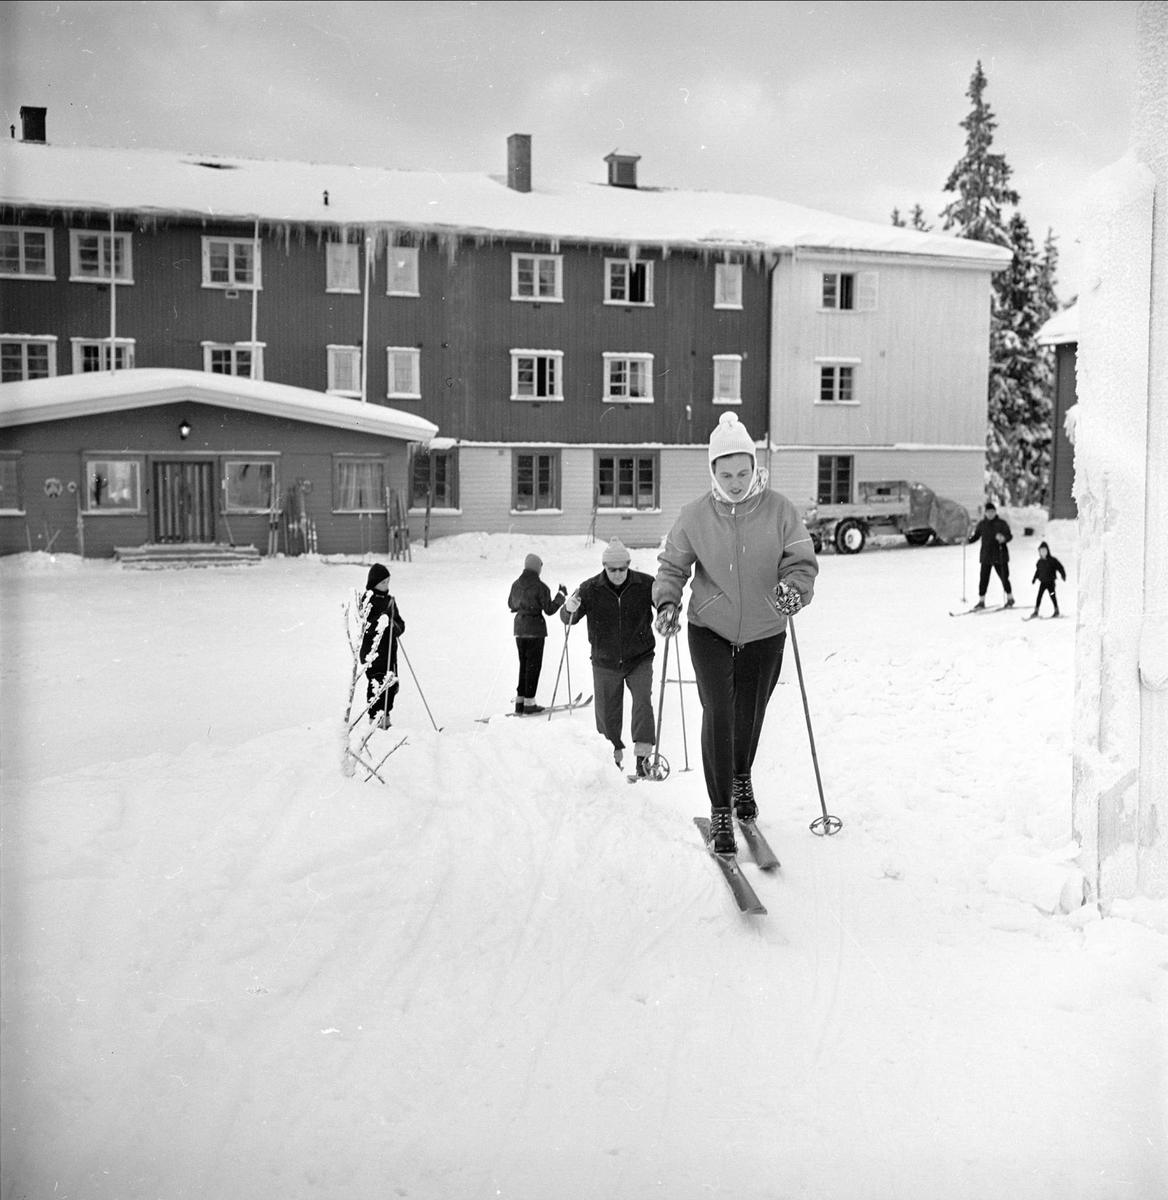 Lillehammer, Oppland, 27.01.1962. Reportasje fra Lande hotell. Skiløpere.